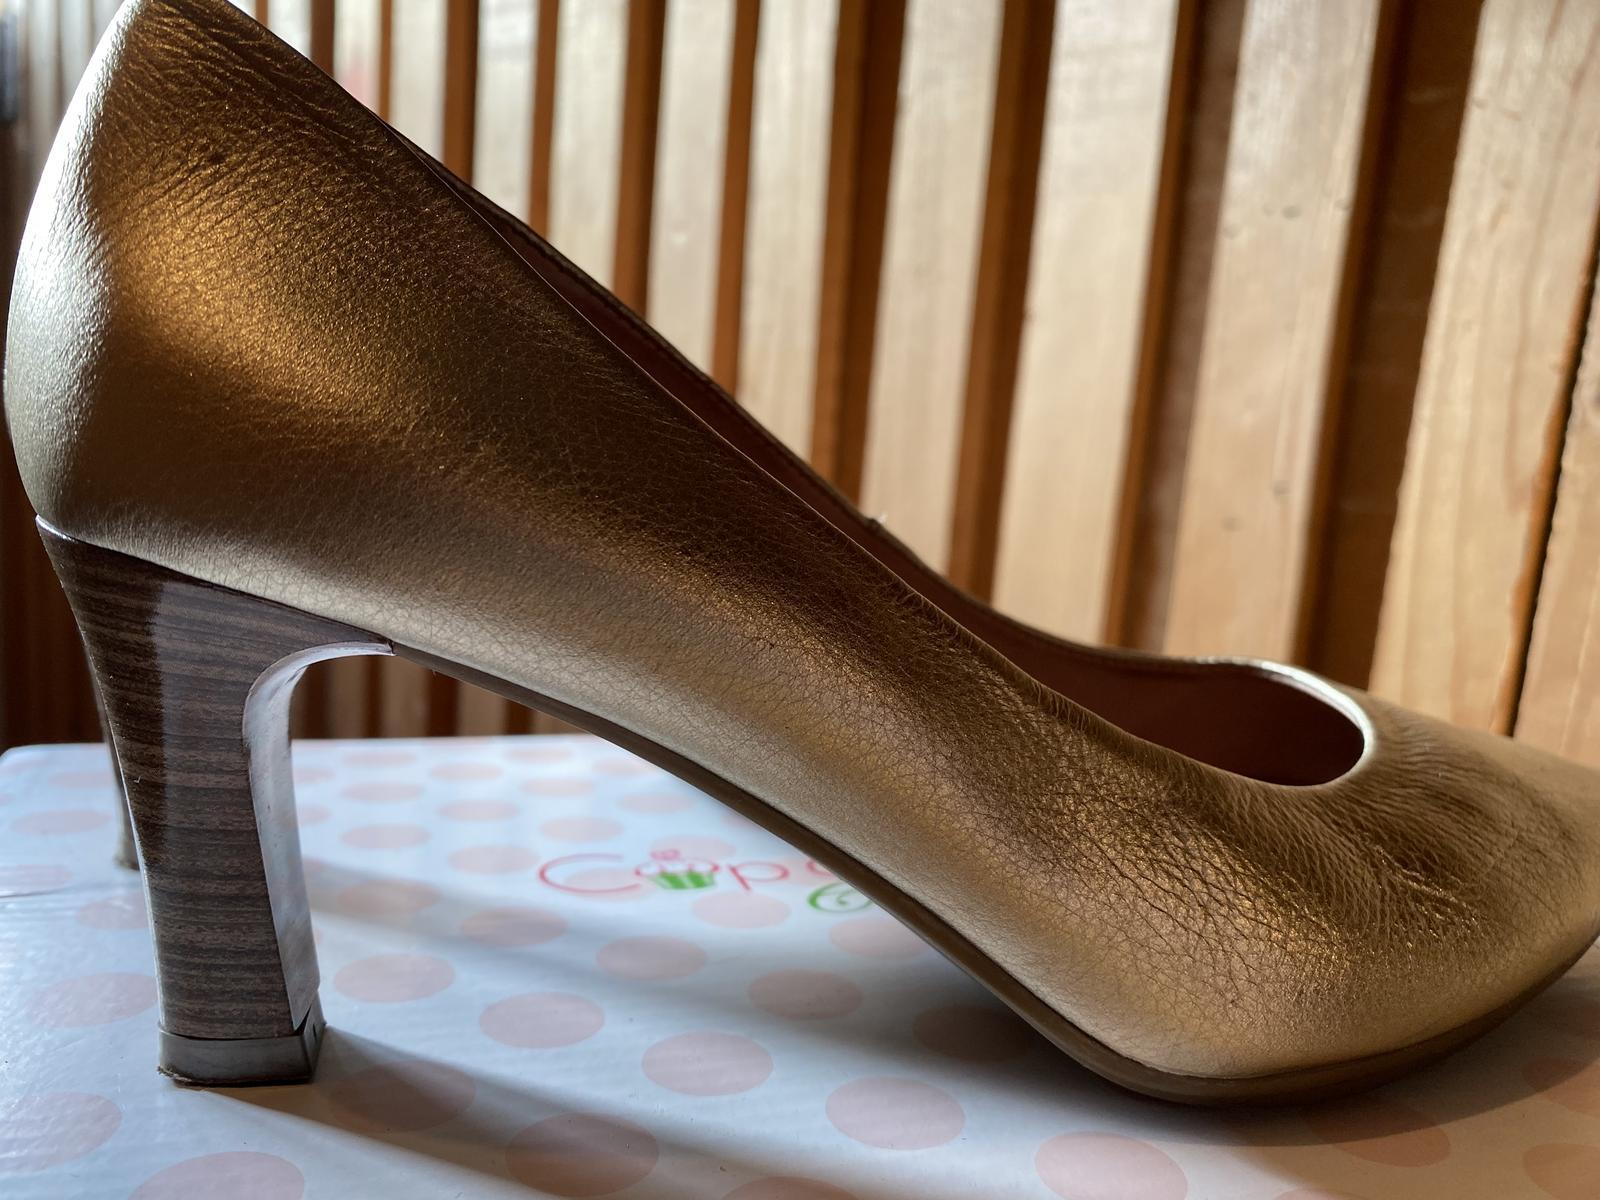 Svadobné topánky HISPANITAS - Obrázok č. 3